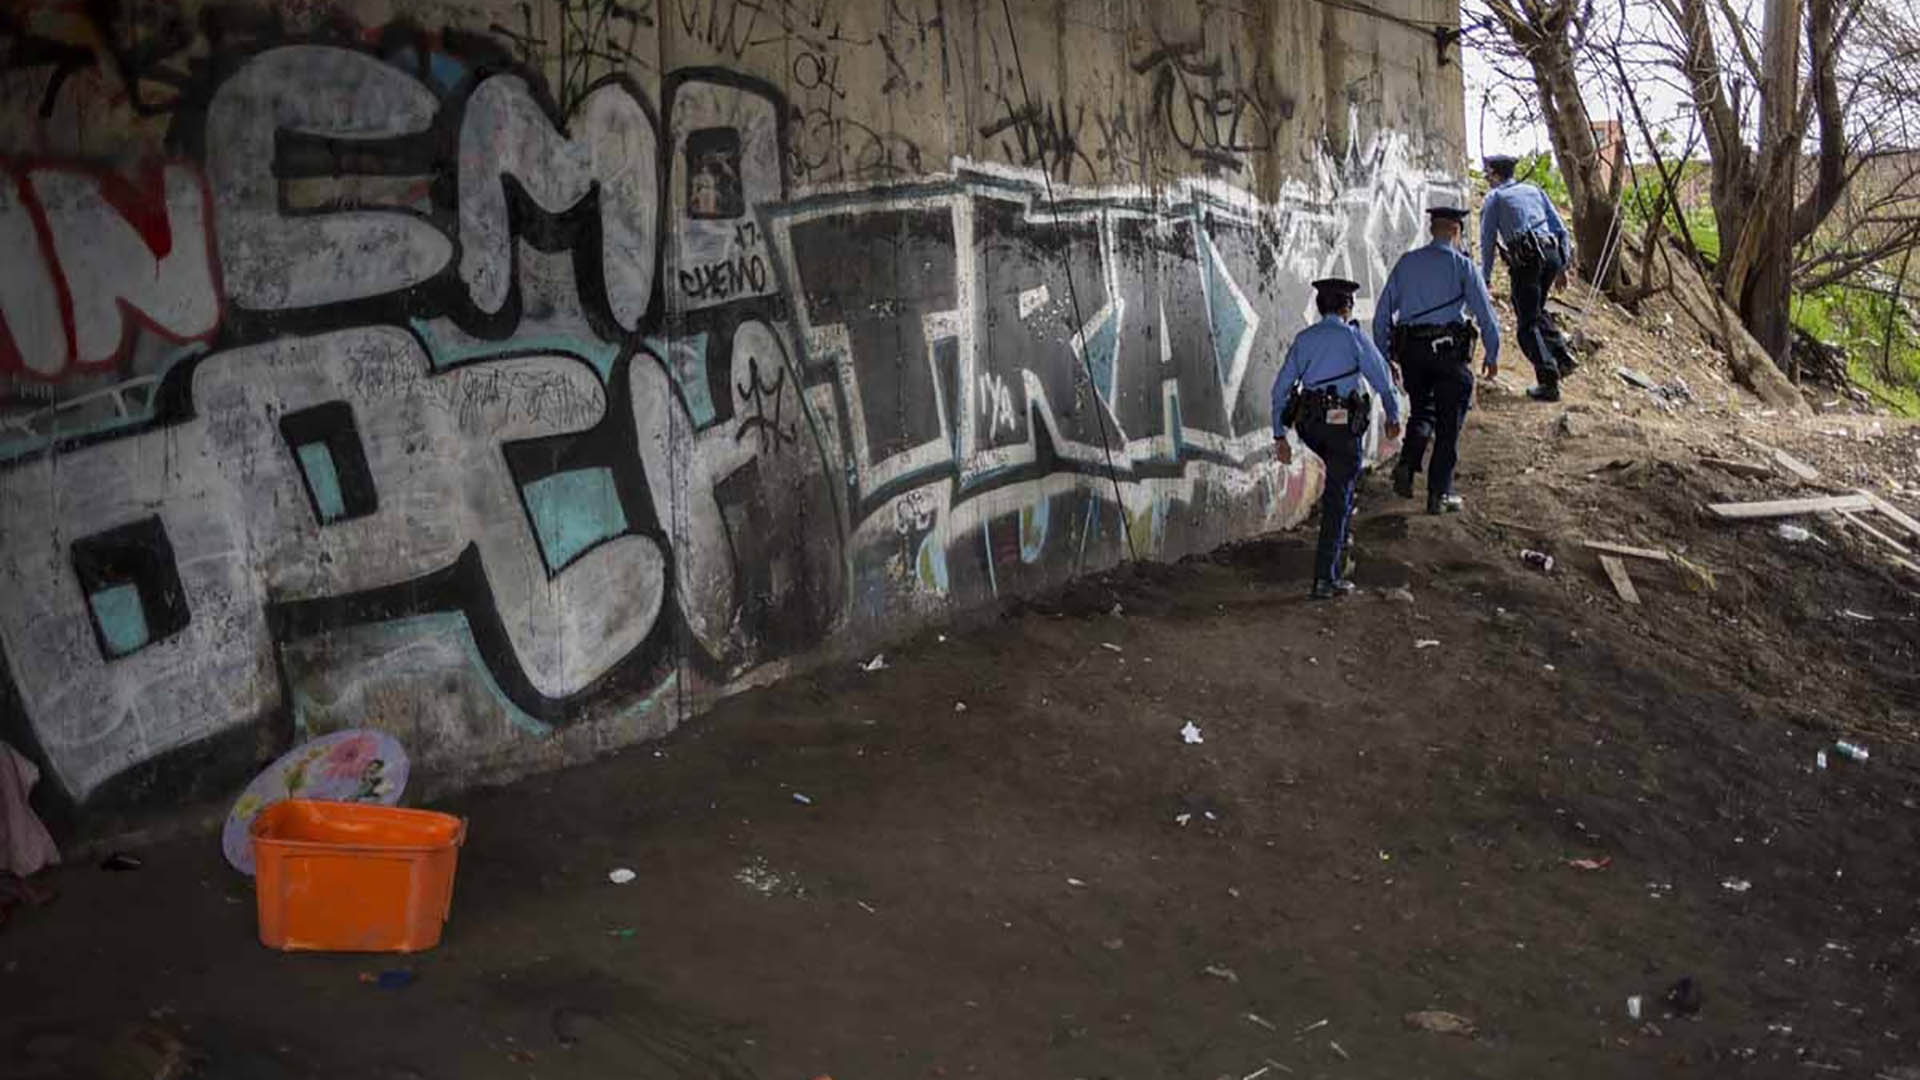 """La policía suele recorrer el lugar, que es de propiedad privada, pero continúa siendo """"tierra de nadie"""""""